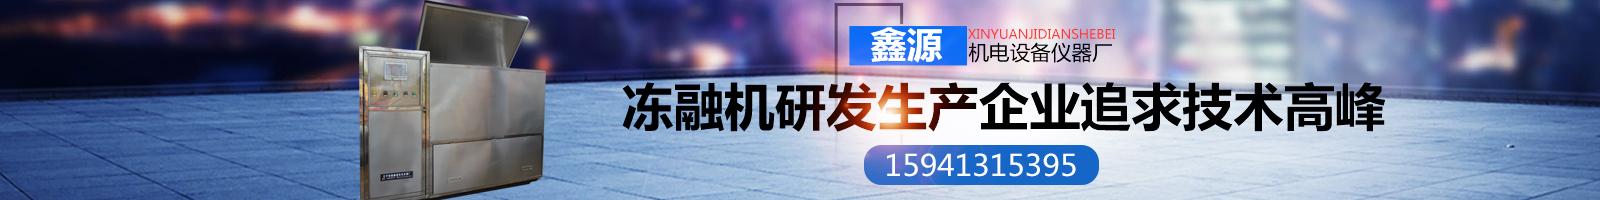 抚顺市新抚鑫源机电仪器厂